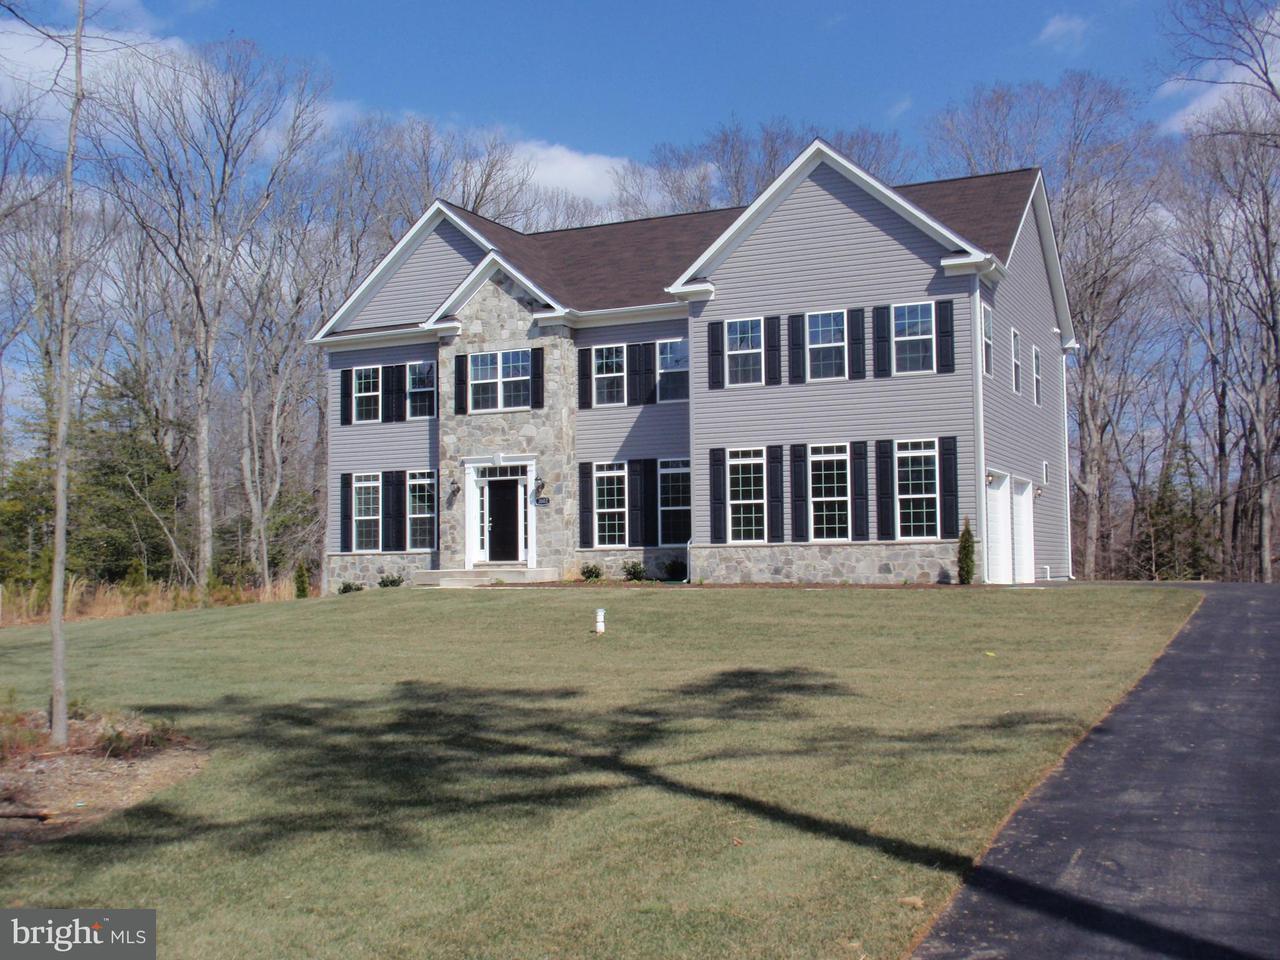 Частный односемейный дом для того Продажа на 3602 Danville Road 3602 Danville Road Brandywine, Мэриленд 20613 Соединенные Штаты